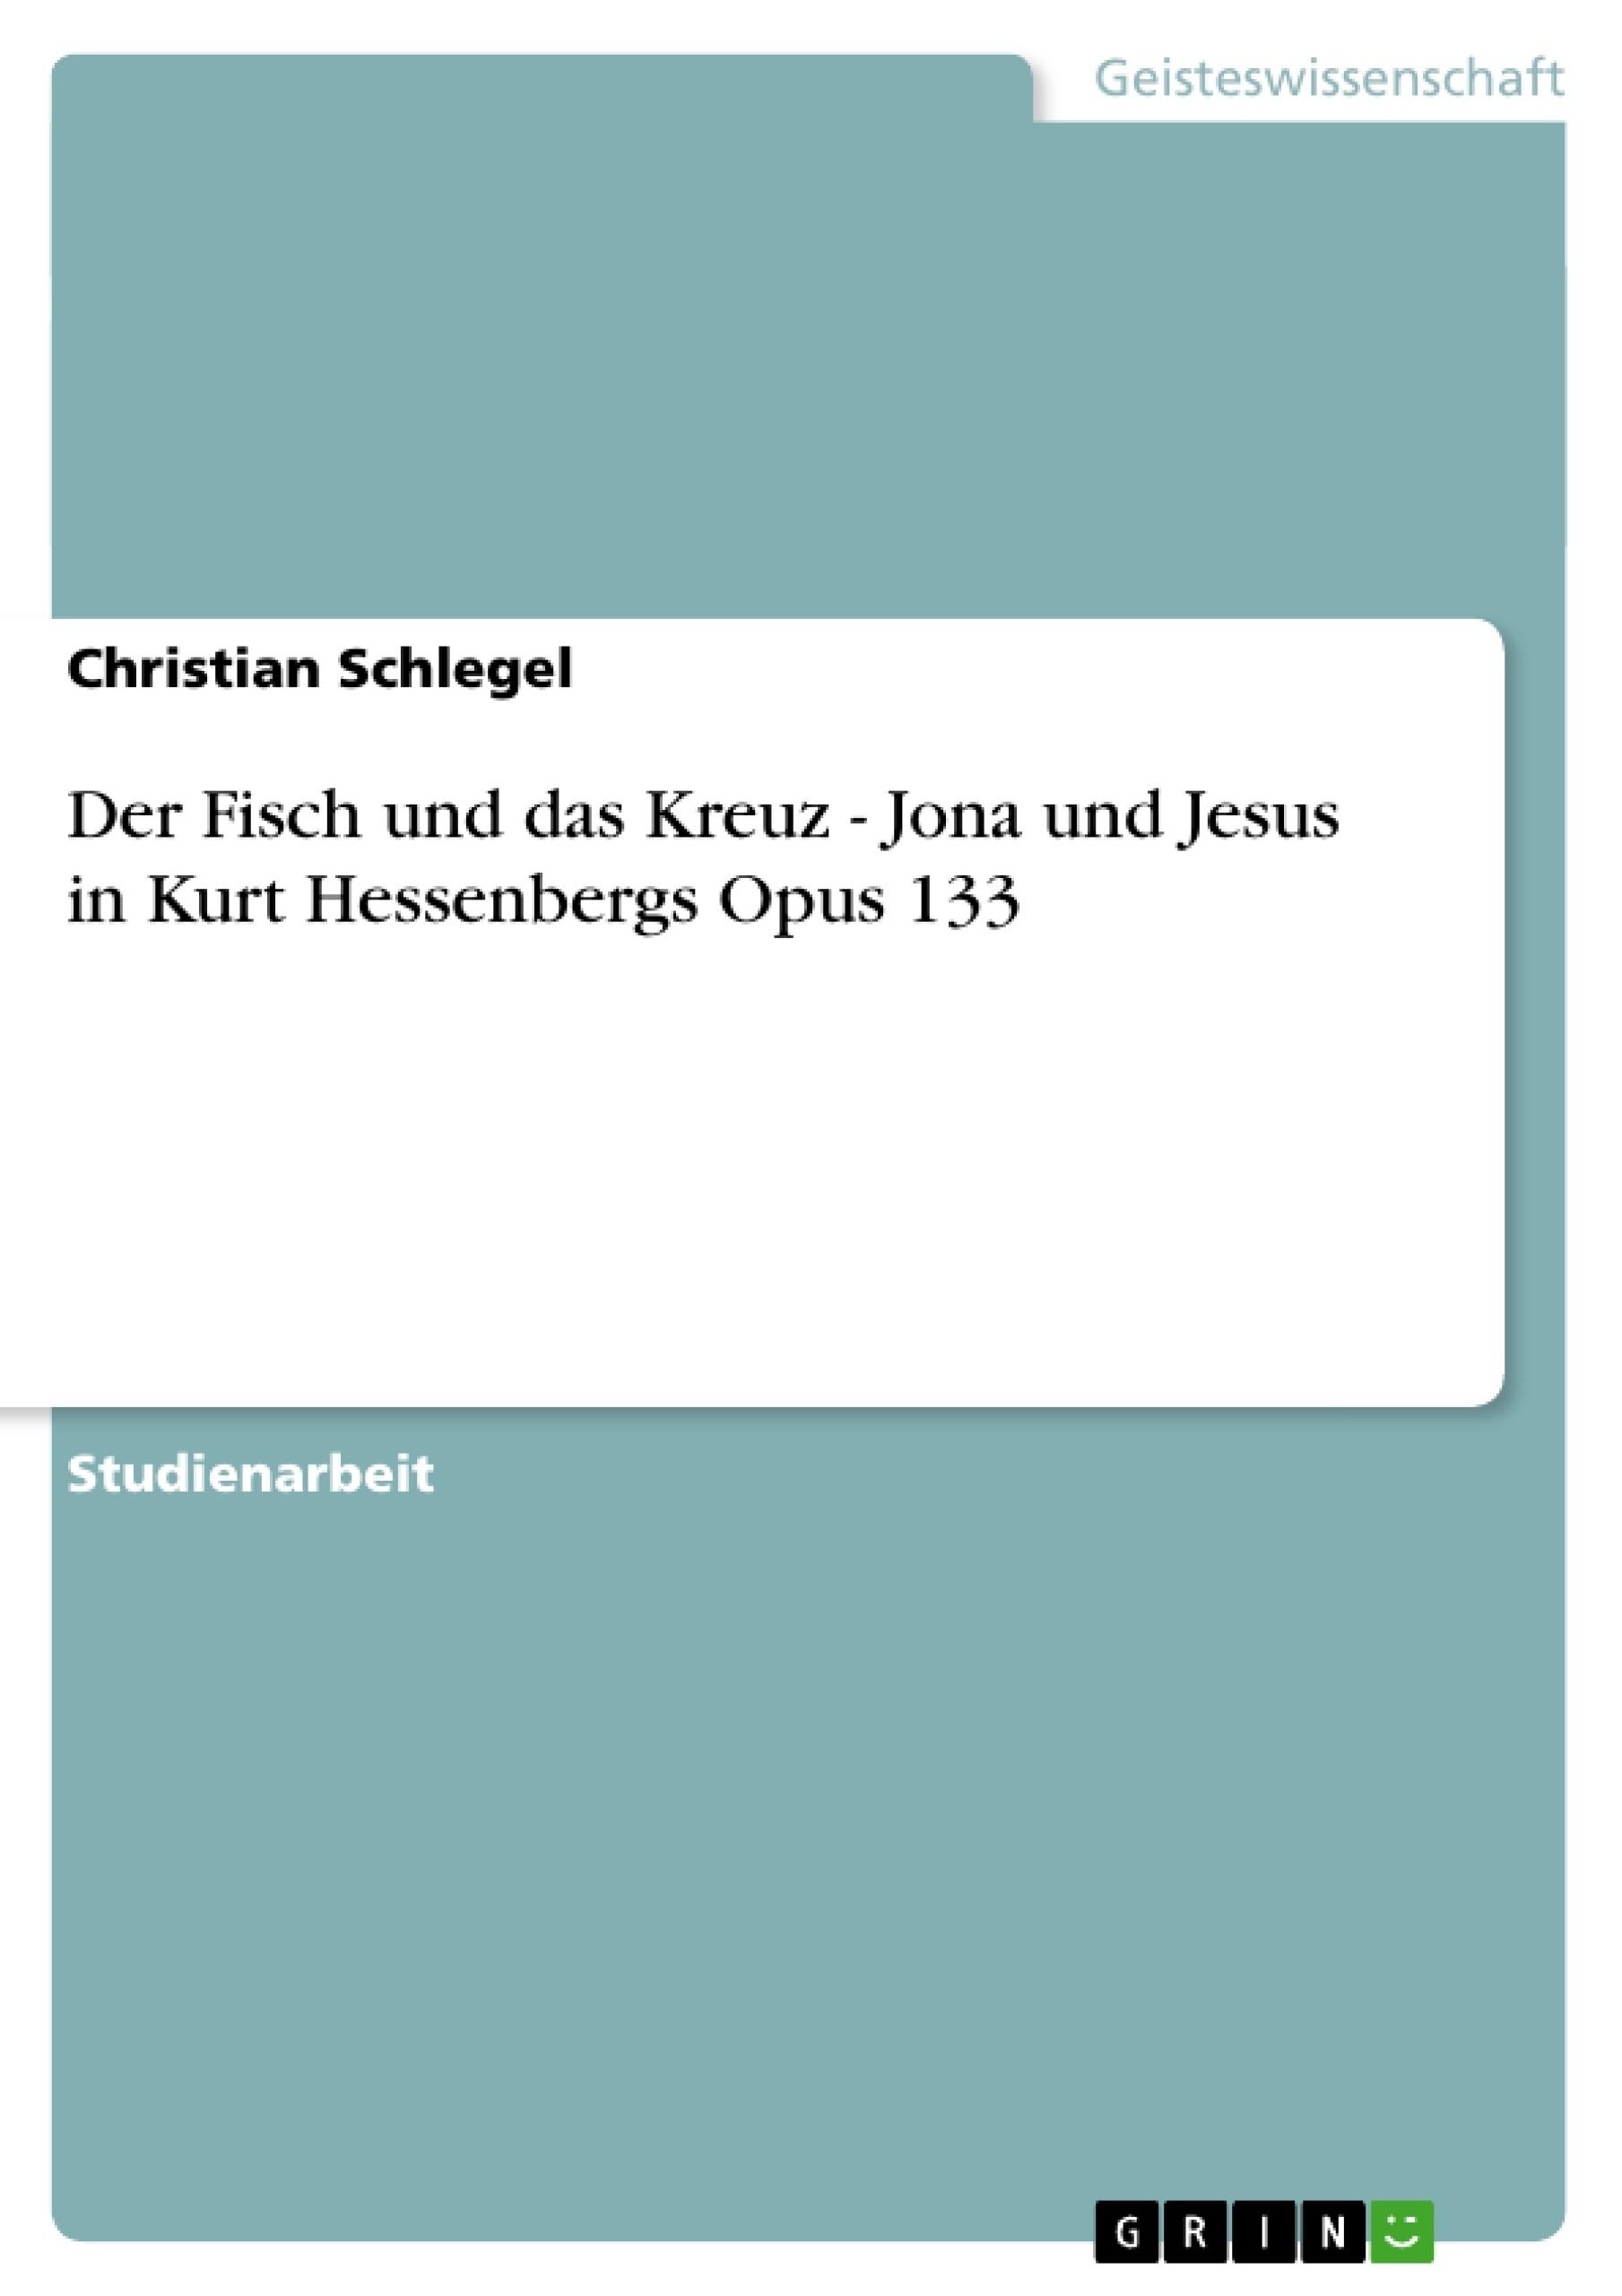 Titel: Der Fisch und das Kreuz - Jona und Jesus in Kurt Hessenbergs Opus 133